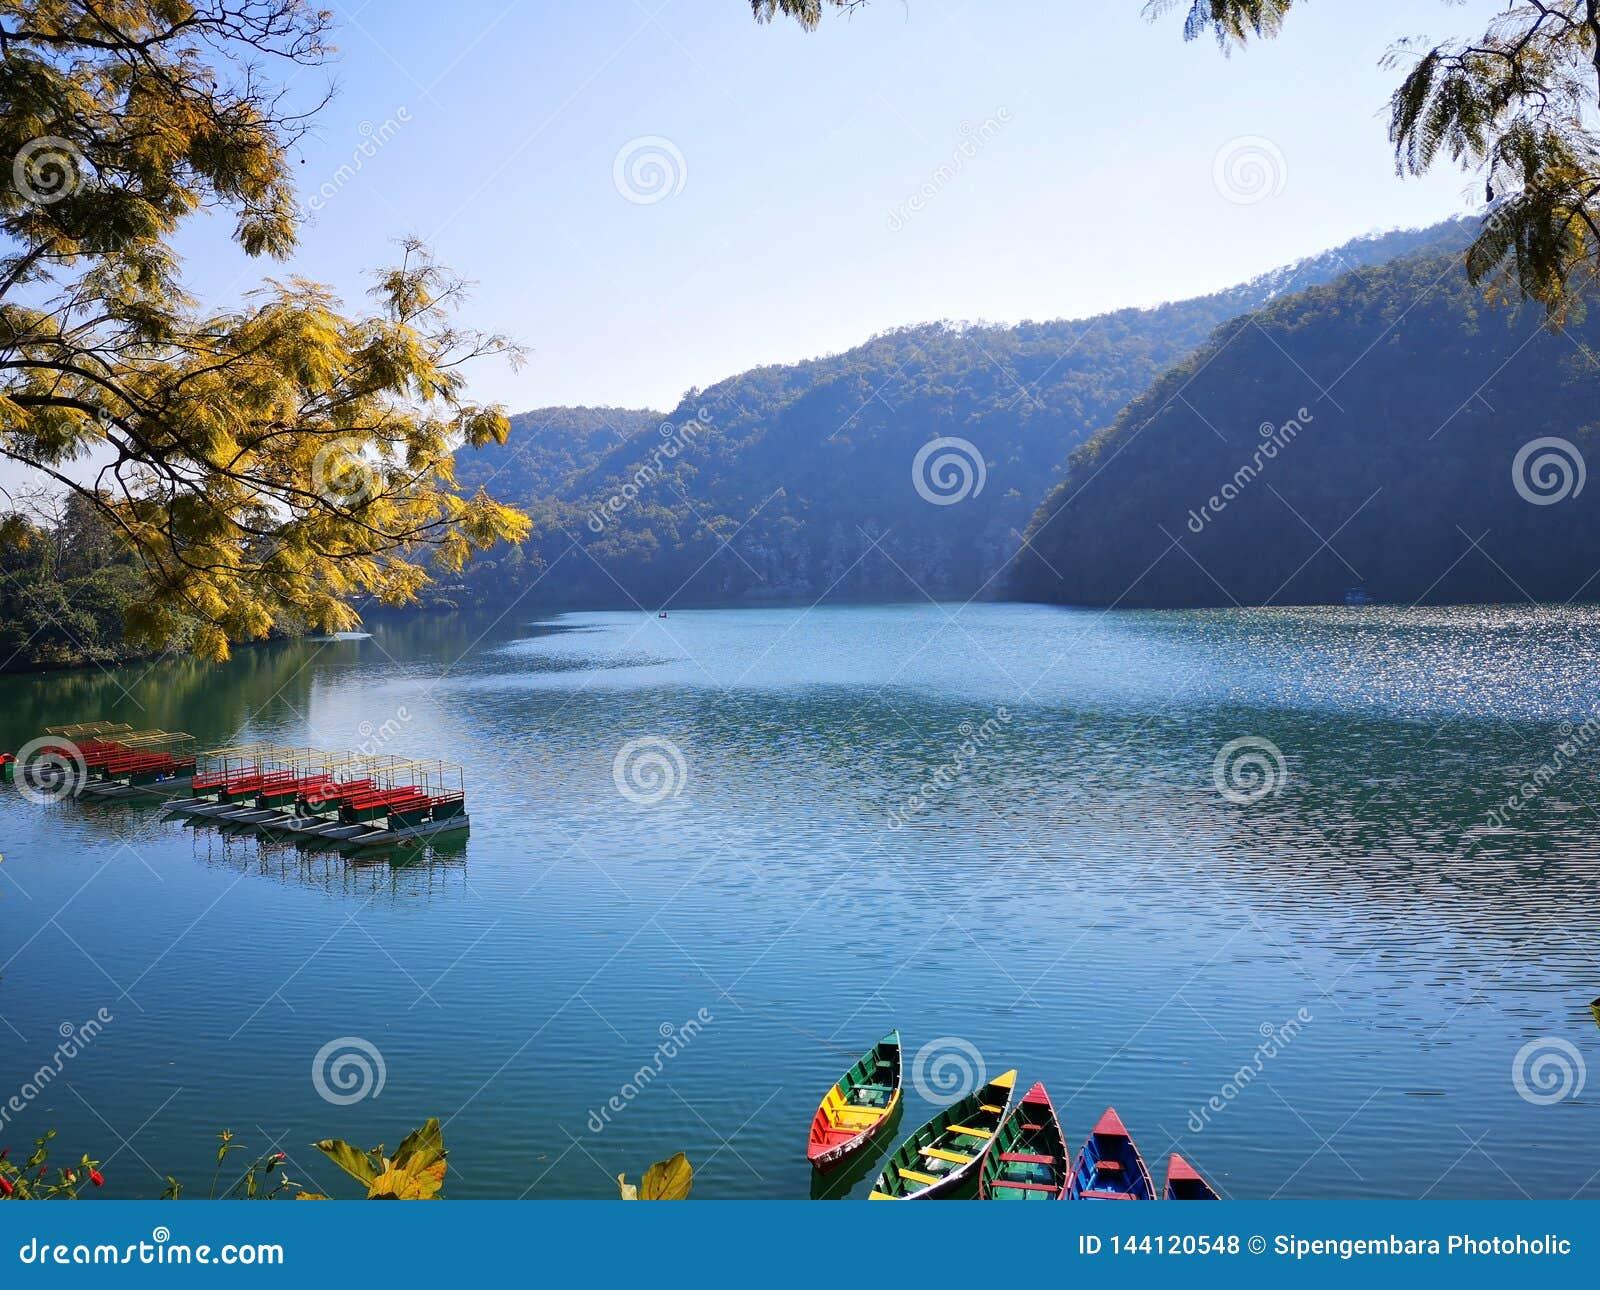 SightPokhara Lakeside